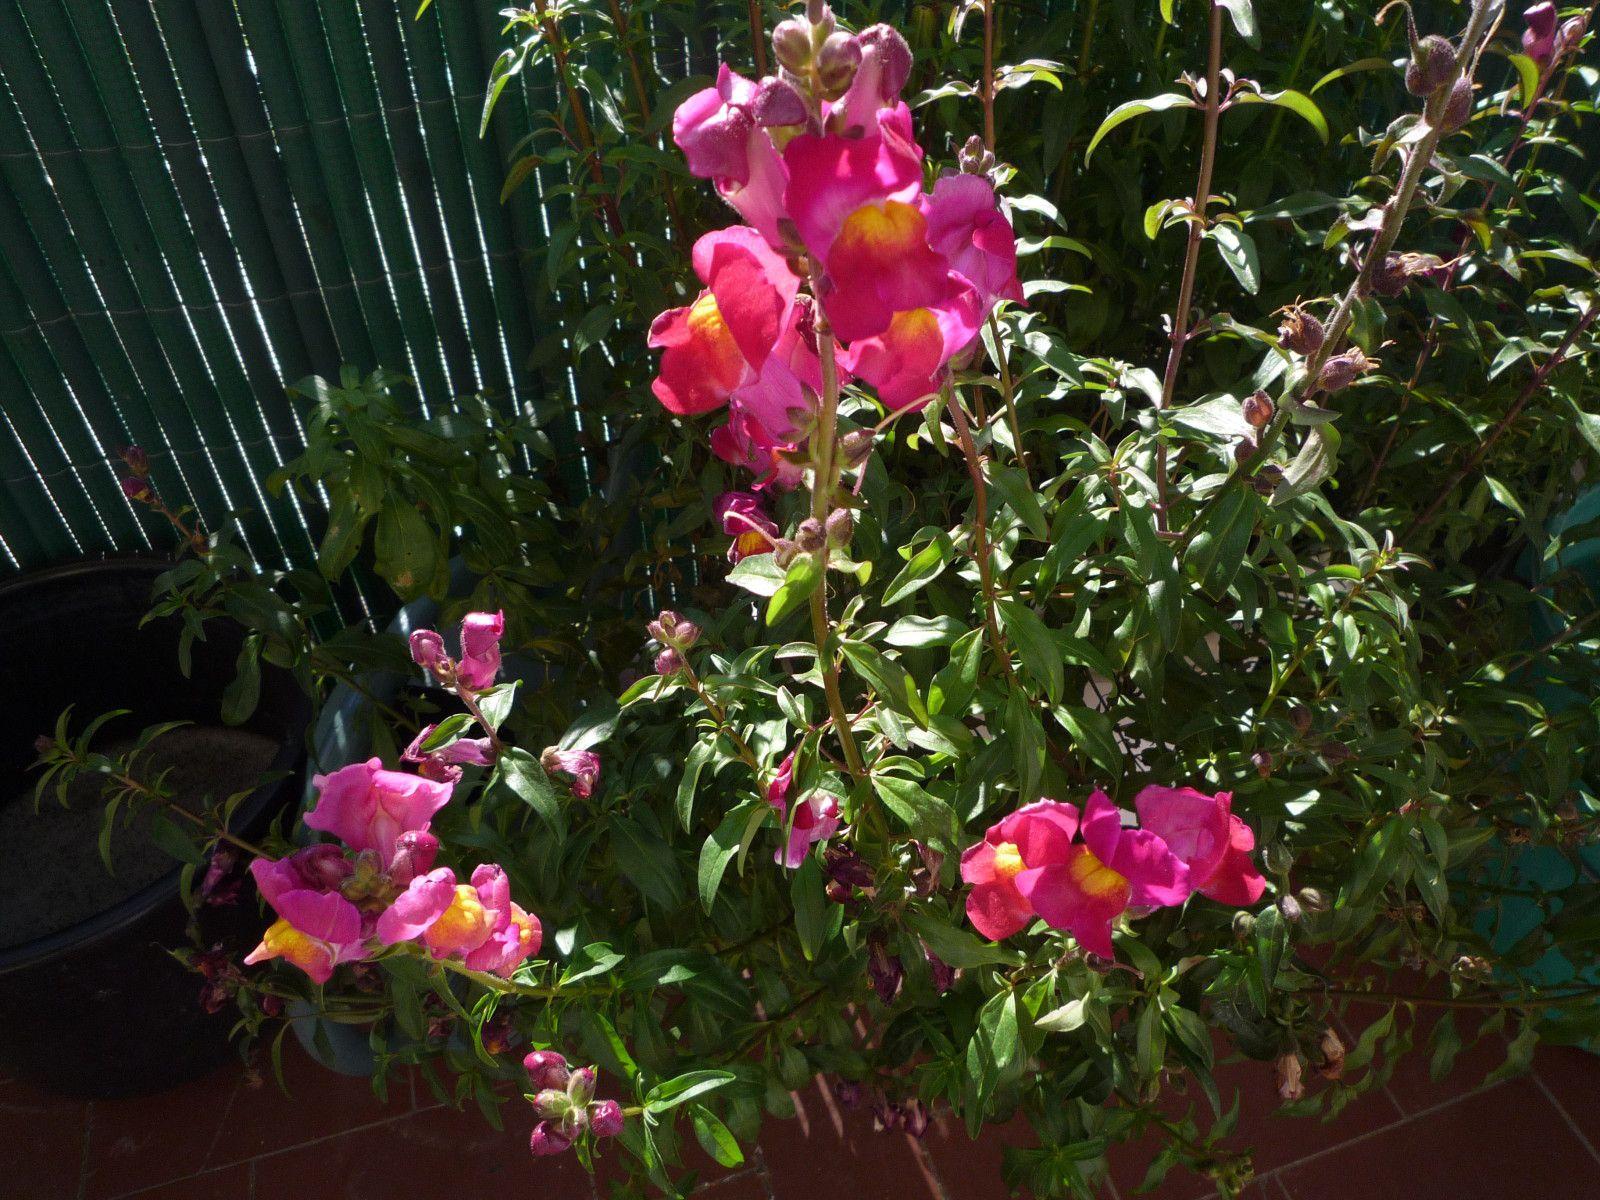 C 39 est le printemps bienvenue chez moi laissez vos - Fleur gueule de loup ...